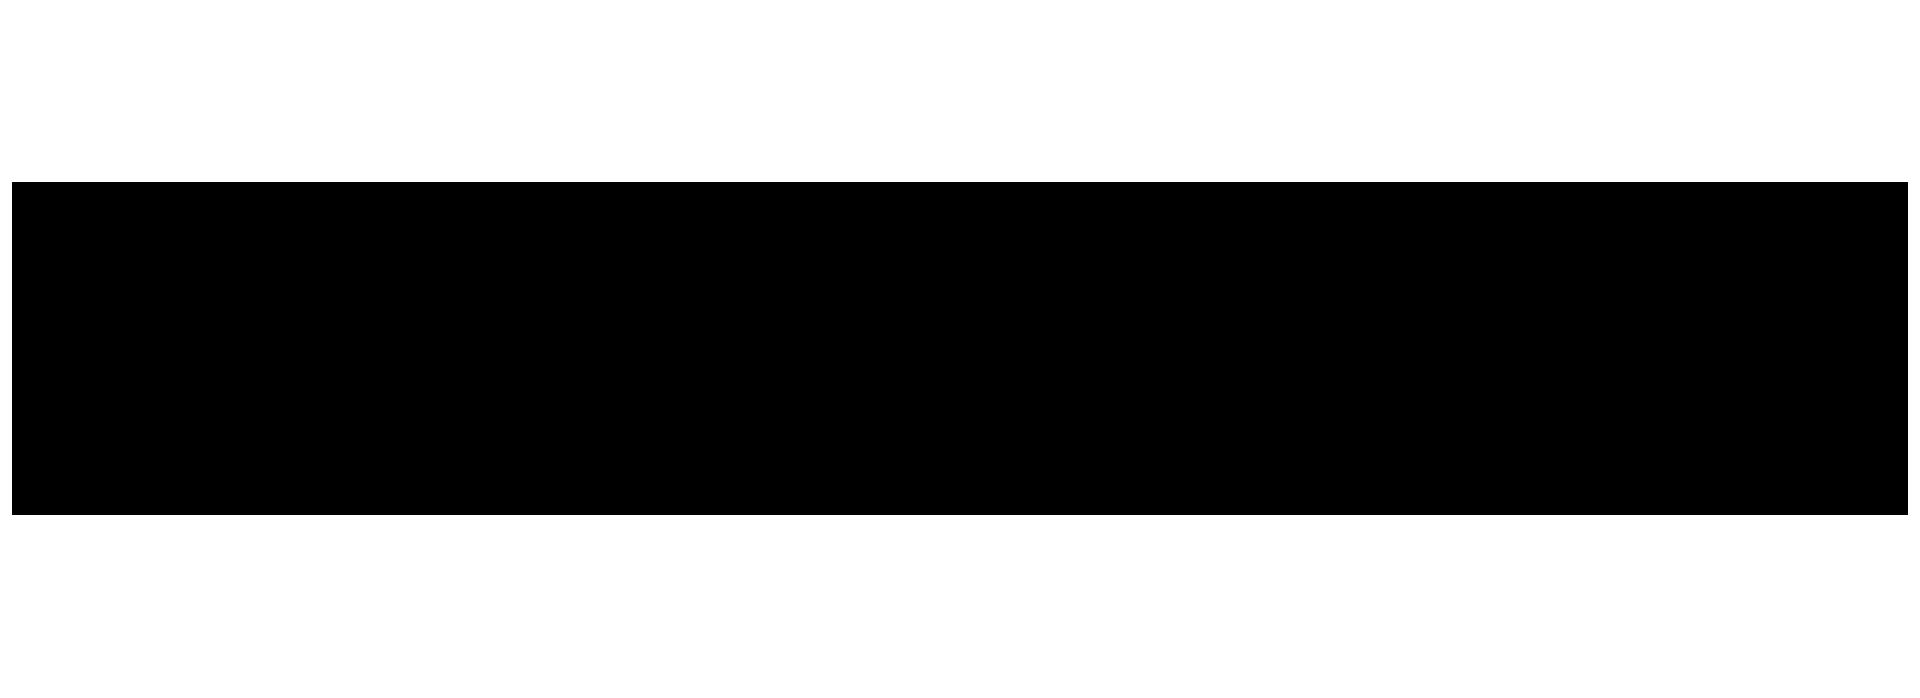 Cazatalentos-producciones-LOGO